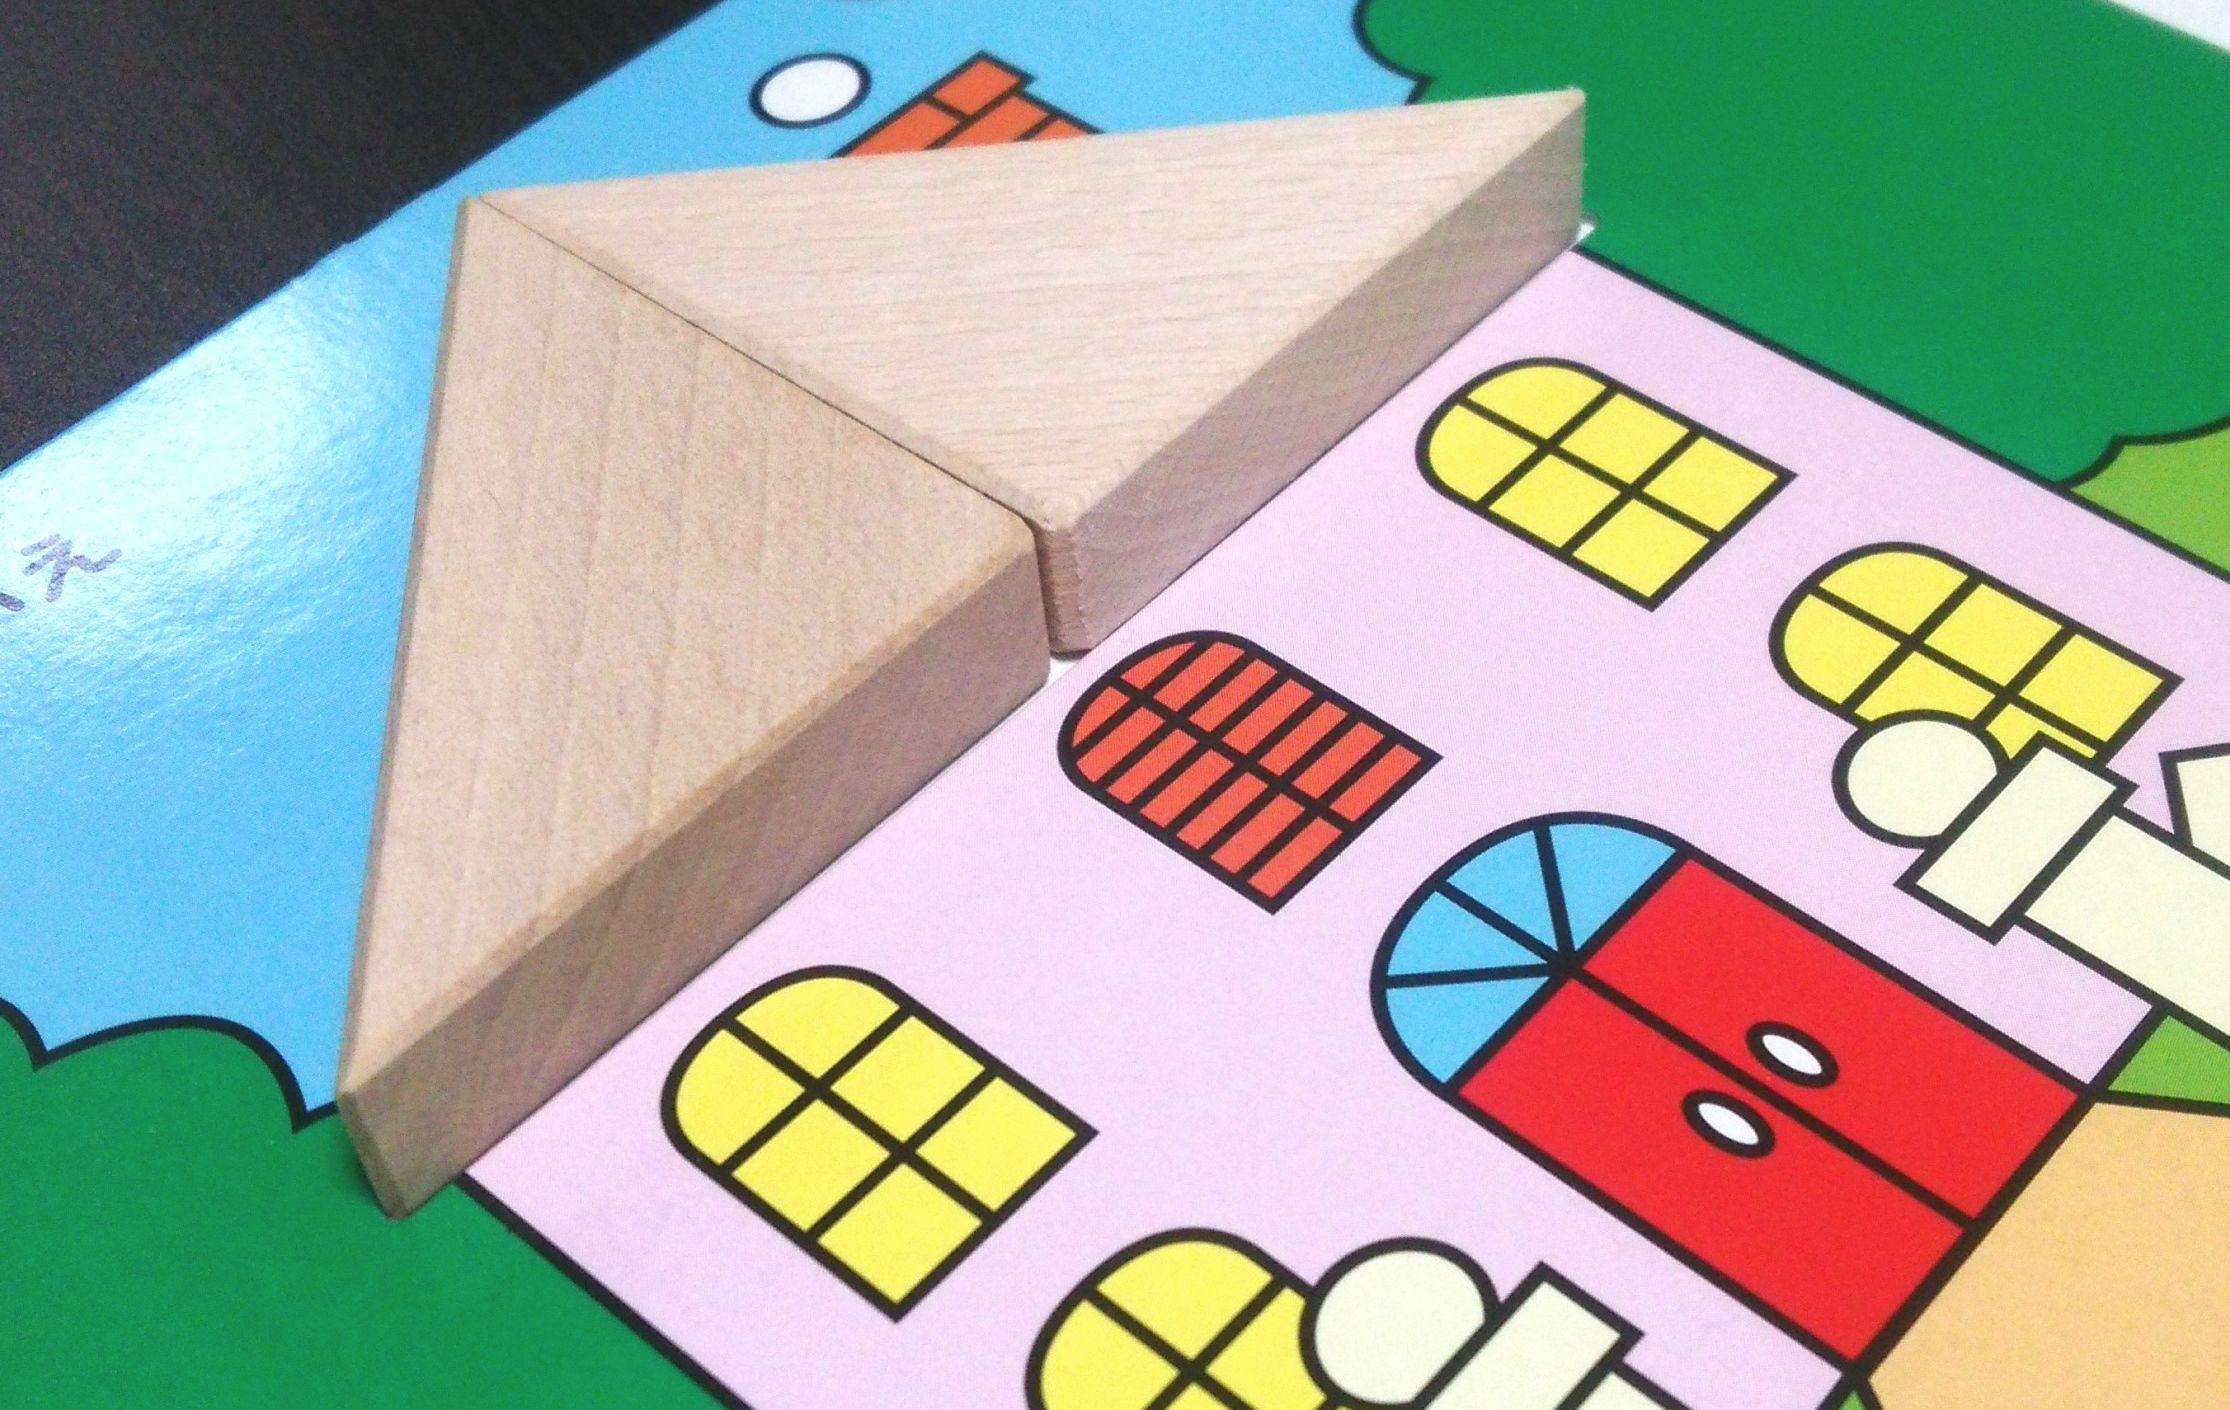 くもんNEWさんかくたんぐらむは、図形の合成・分解の基本のパズル!